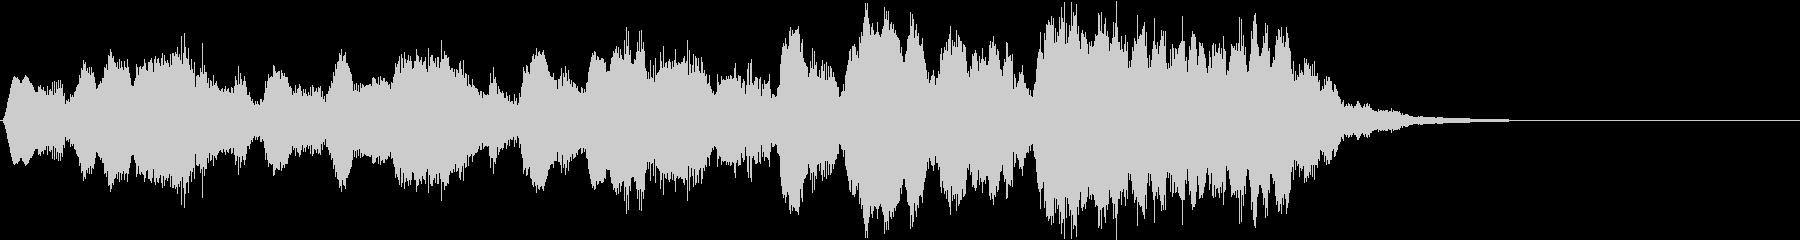 軽快なオーケストラ風ジングルの未再生の波形